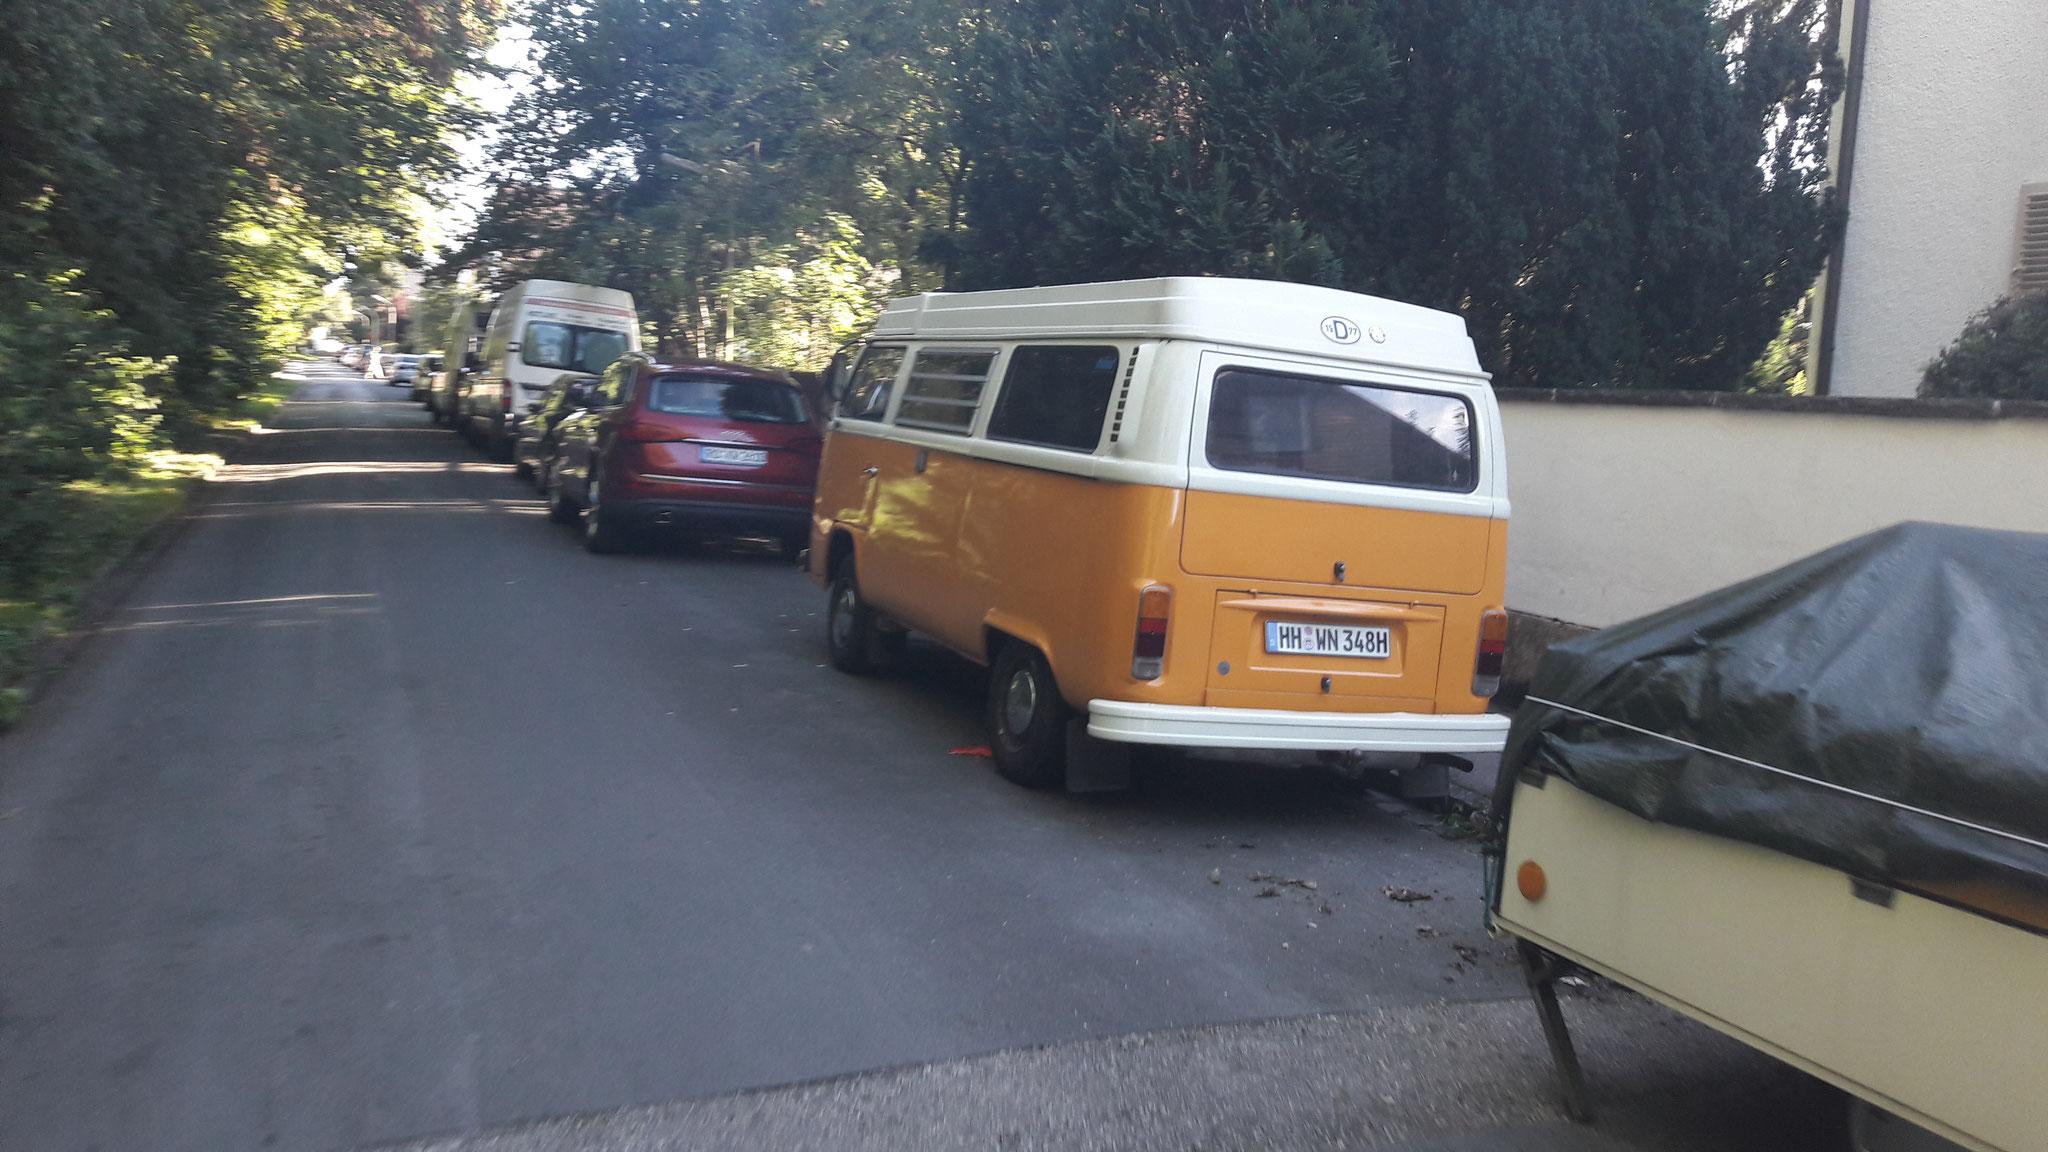 VW T2 - HH-WN-348H